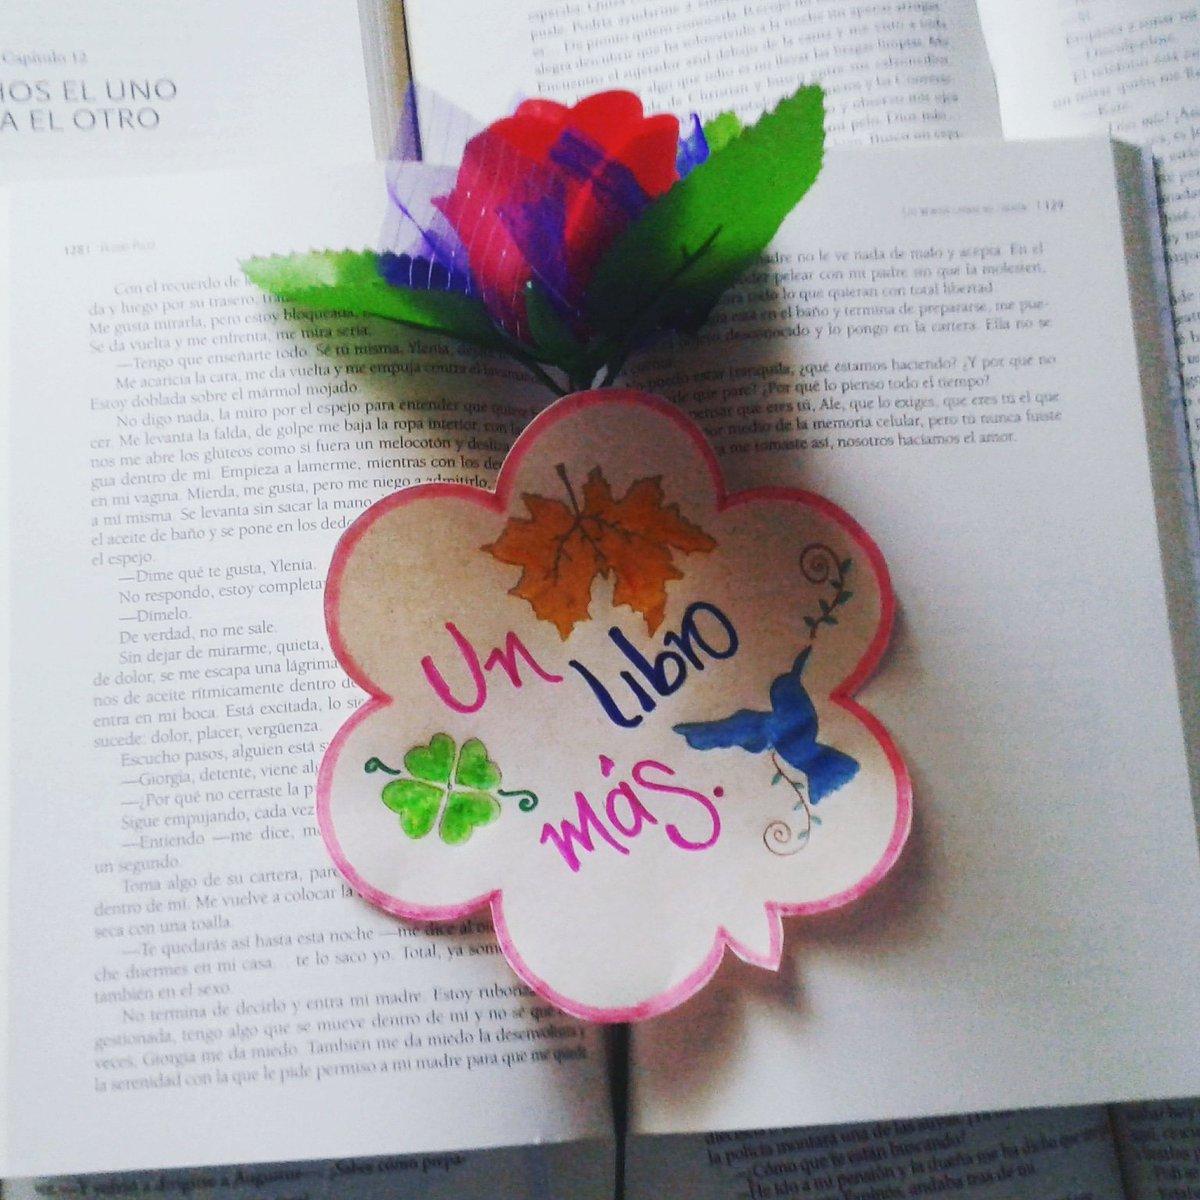 Tenía un sueño/ idea desde hace bastante tiempo de crear un Blog para mostrar mi pasión, lo que me gusta hacer. 📚📚📚 Leer es lo que más amo en esta vida.  Ya  pueden encontrar el link mi perfil. 🙈 Espero que les guste. 😊  #UnLibroMas 😱😍